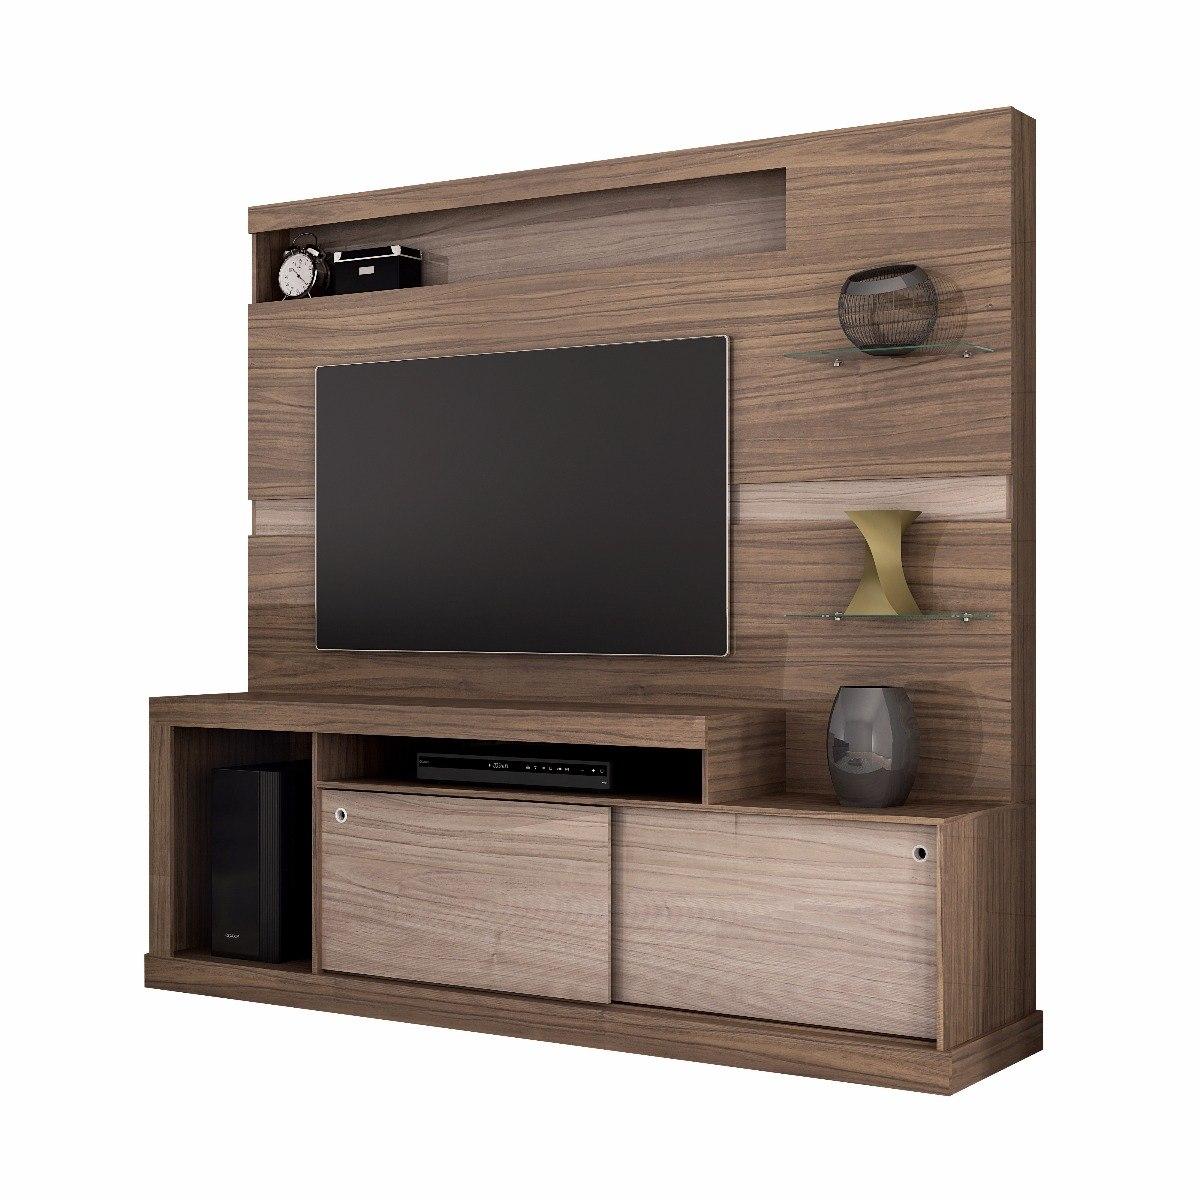 Rack Tv Home Porto Toronto Monaco Mueble 109 990 En  # Muebles Rack Para Tv